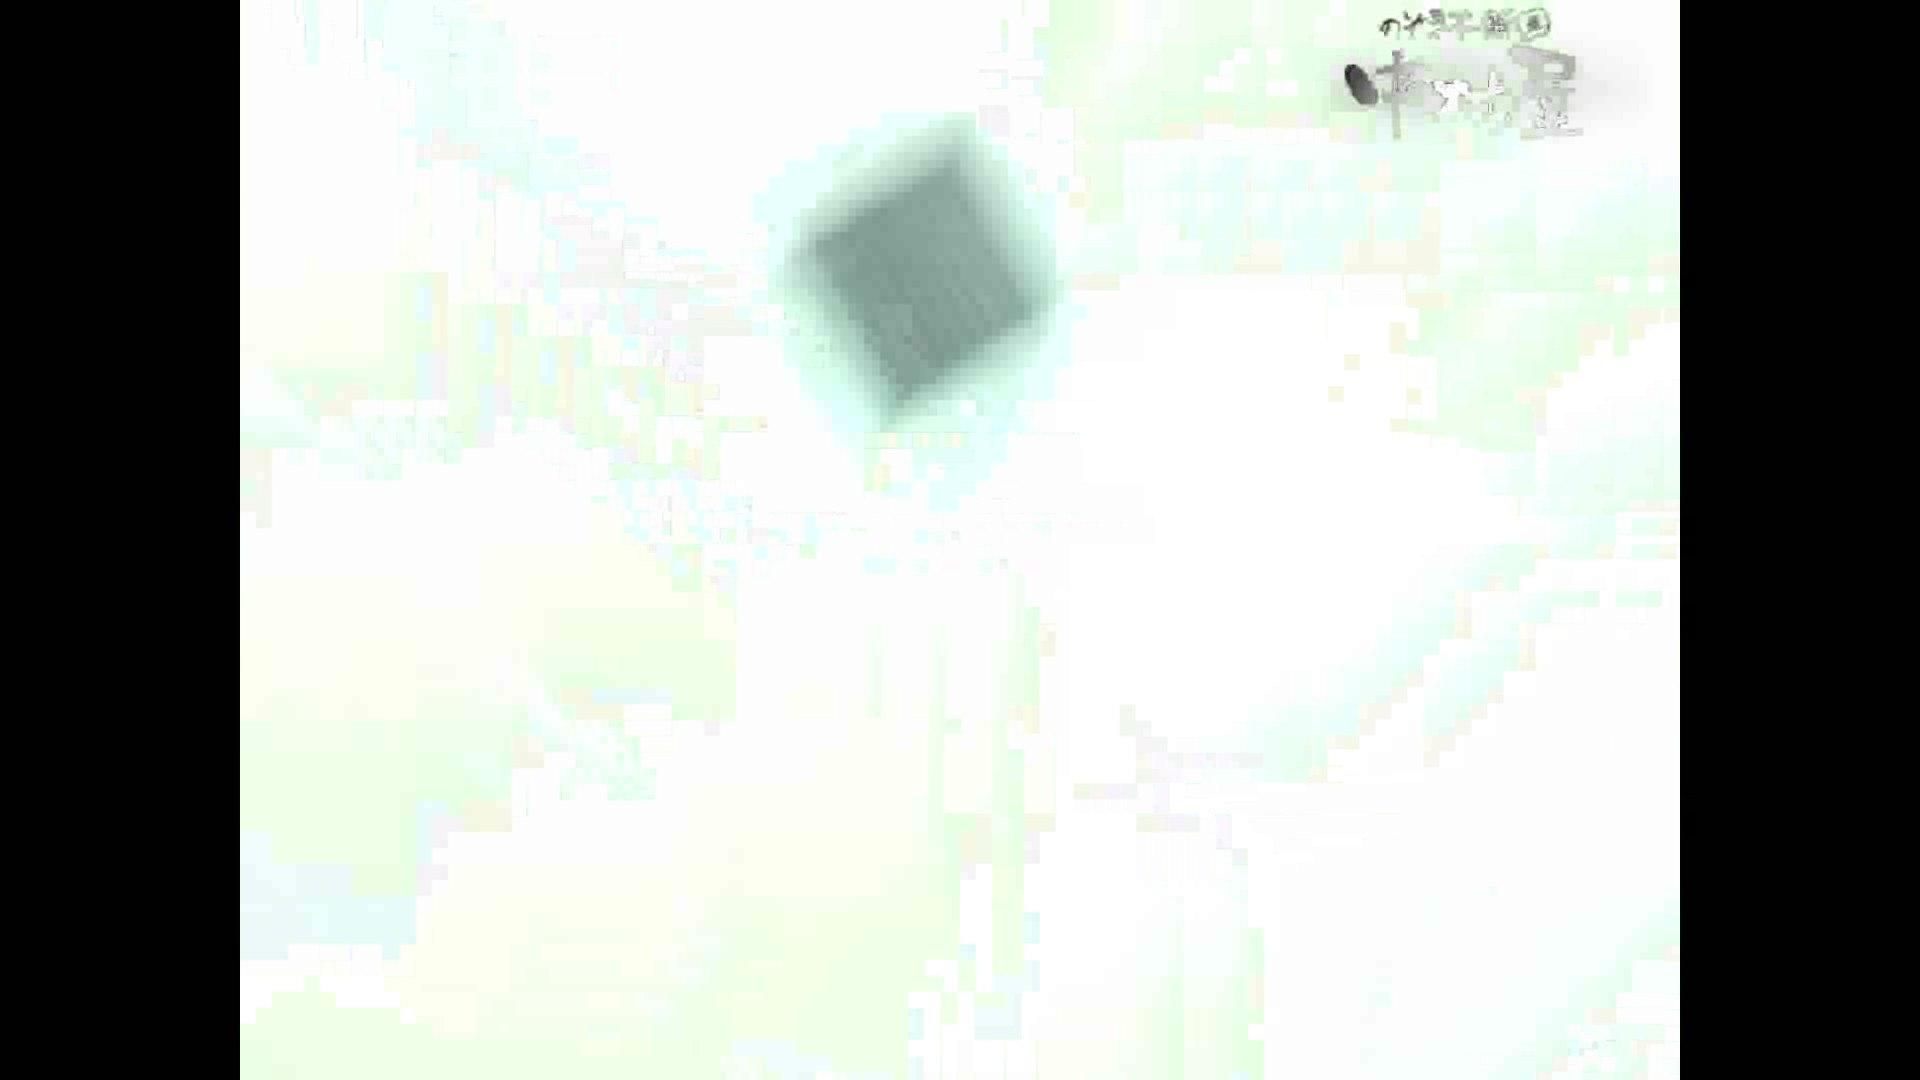 岩手県在住盗撮師盗撮記録vol.44 厠 スケベ動画紹介 109連発 88